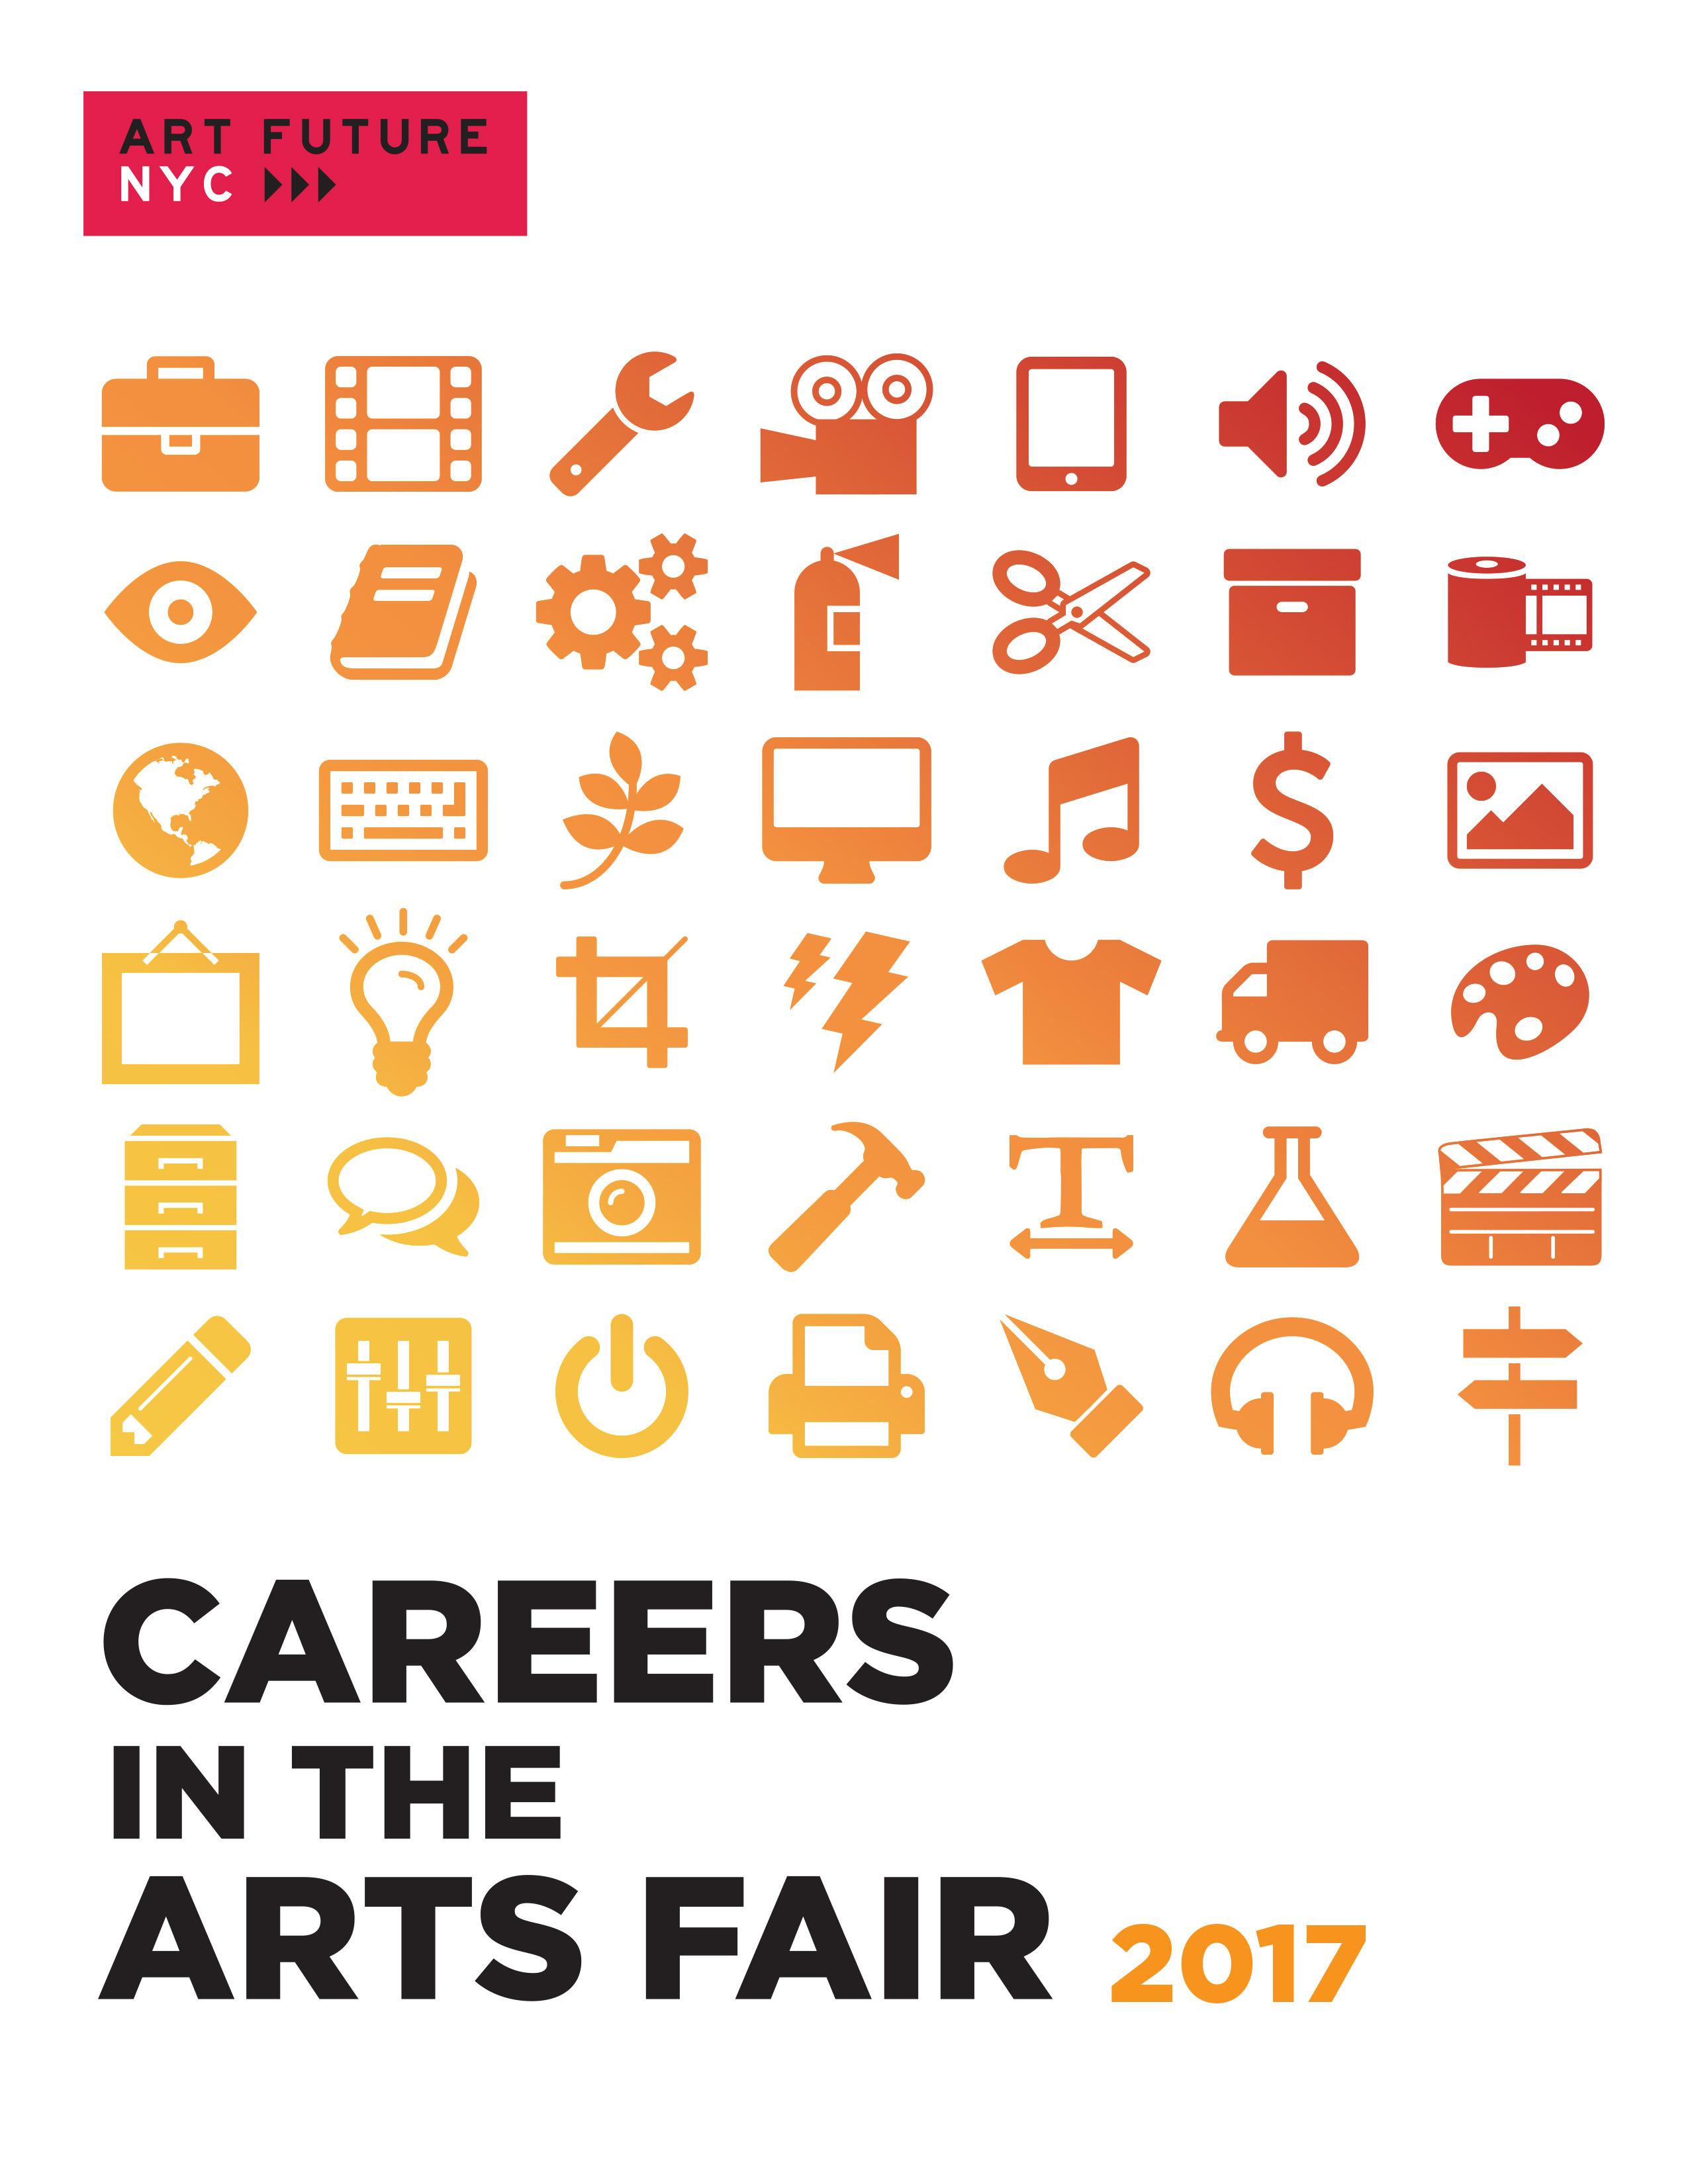 Career in the Arts Fair 2017!